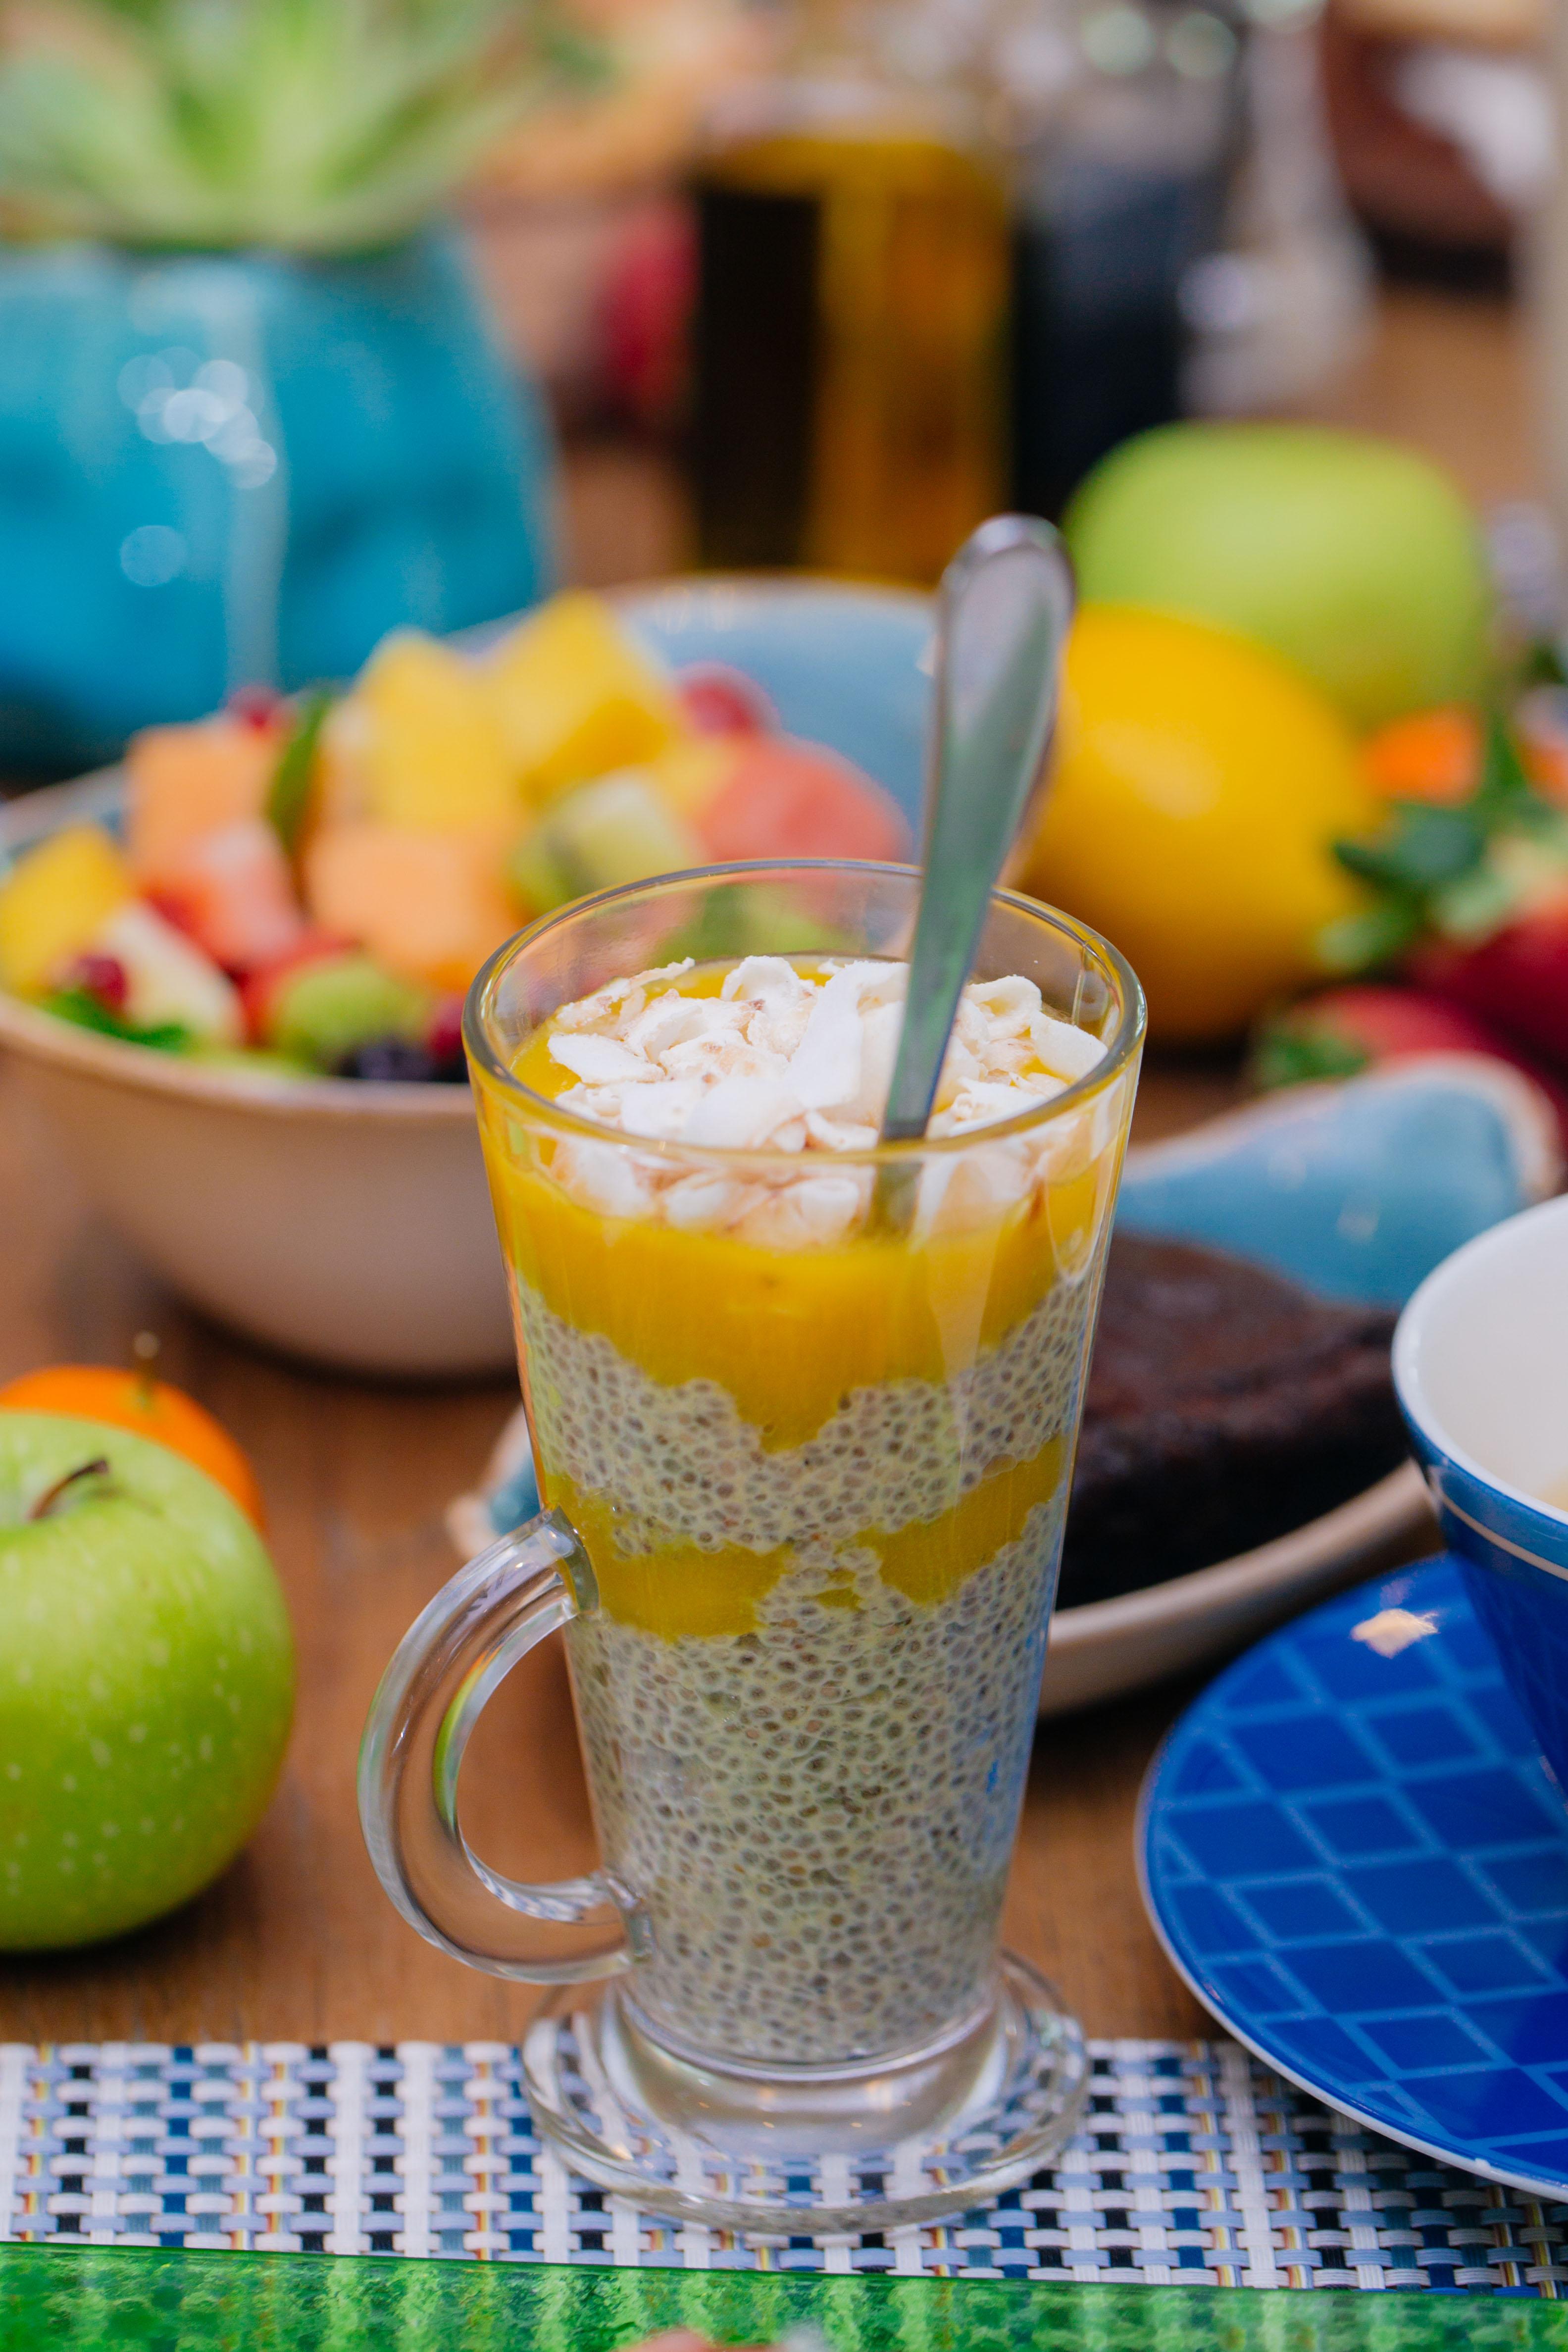 قائمة الفطور الصحية الجديدة لمطعم ريفا